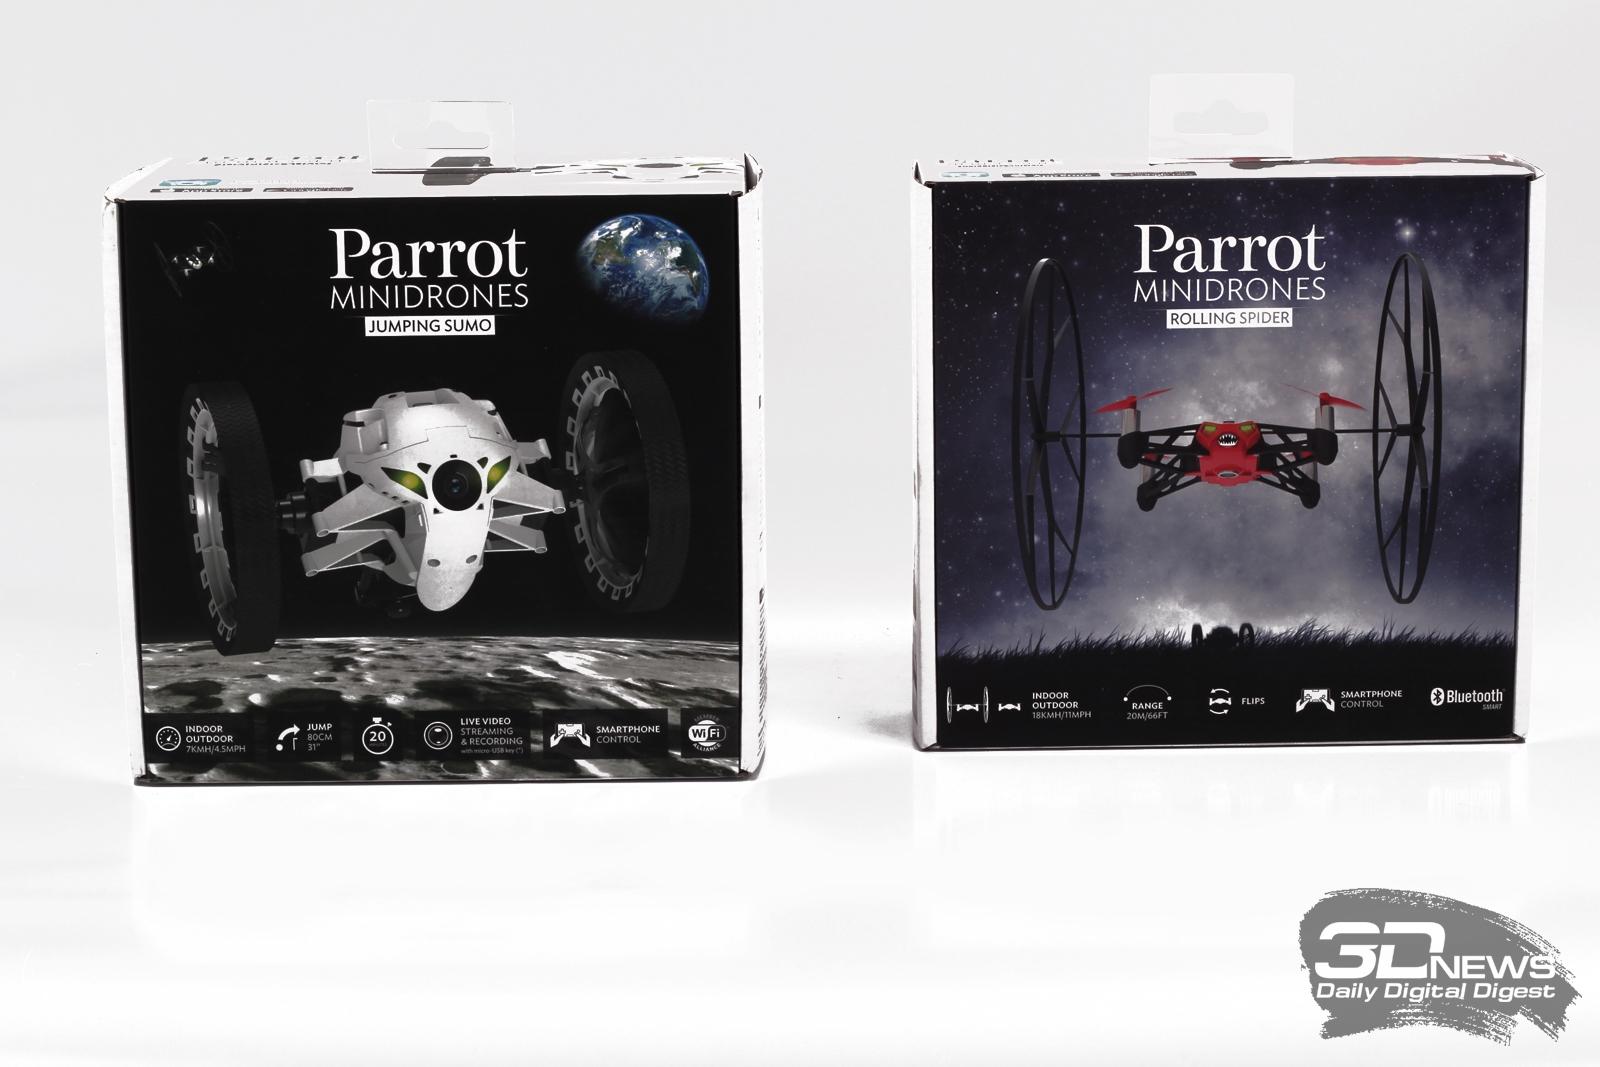 Обзор Parrot minidrones: робот в каждый дом